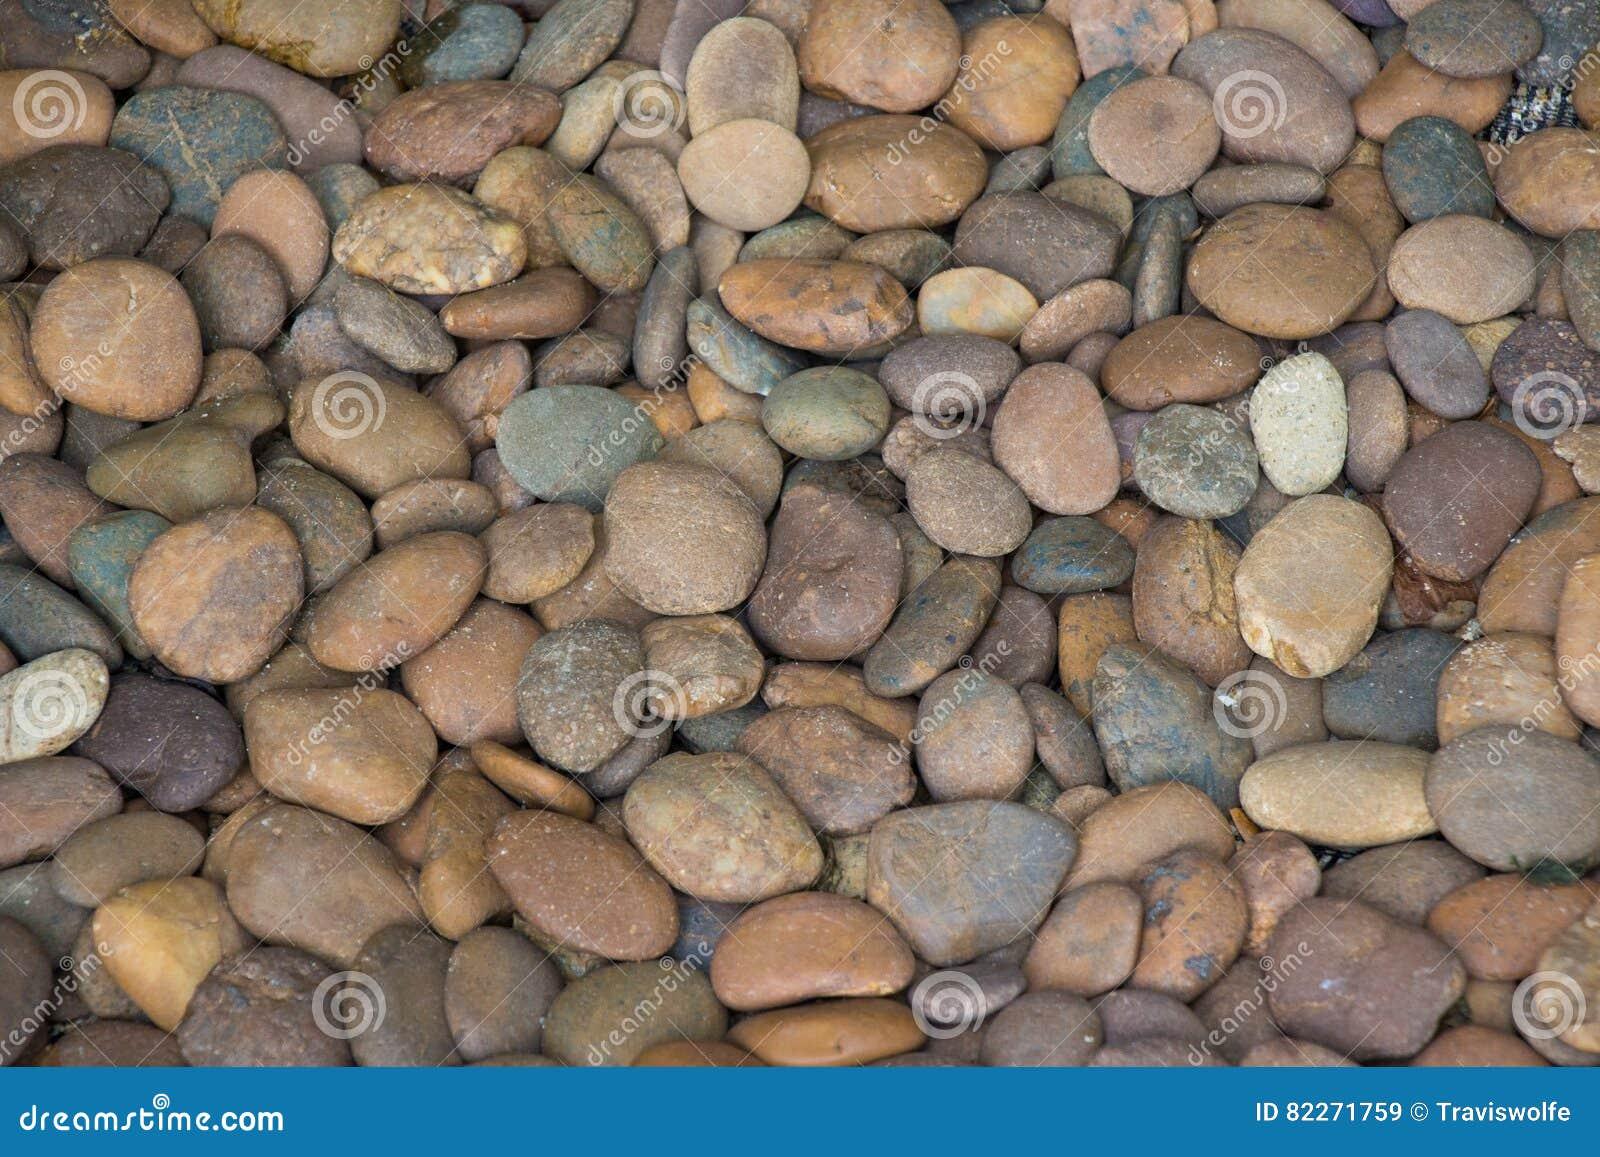 colores de decorativo piedras